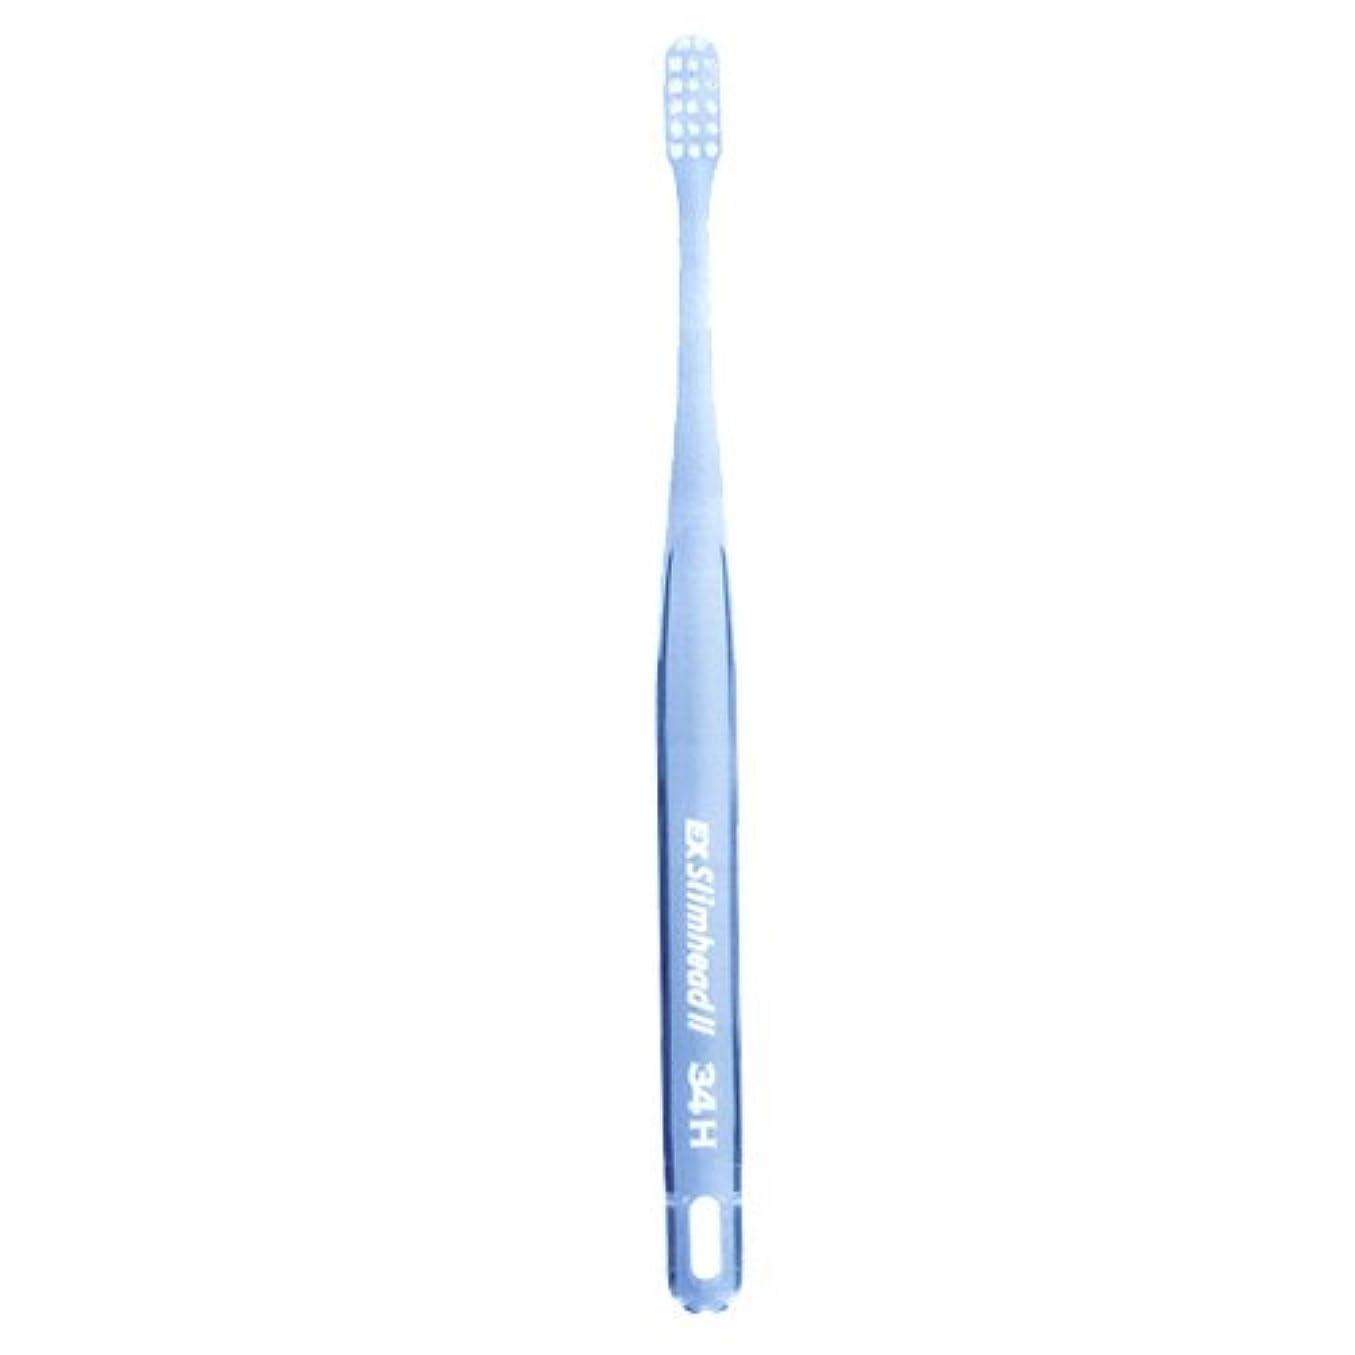 混乱ロースト錆びライオン スリムヘッド2 歯ブラシ DENT . EX Slimhead2 1本 34M クリアブルー